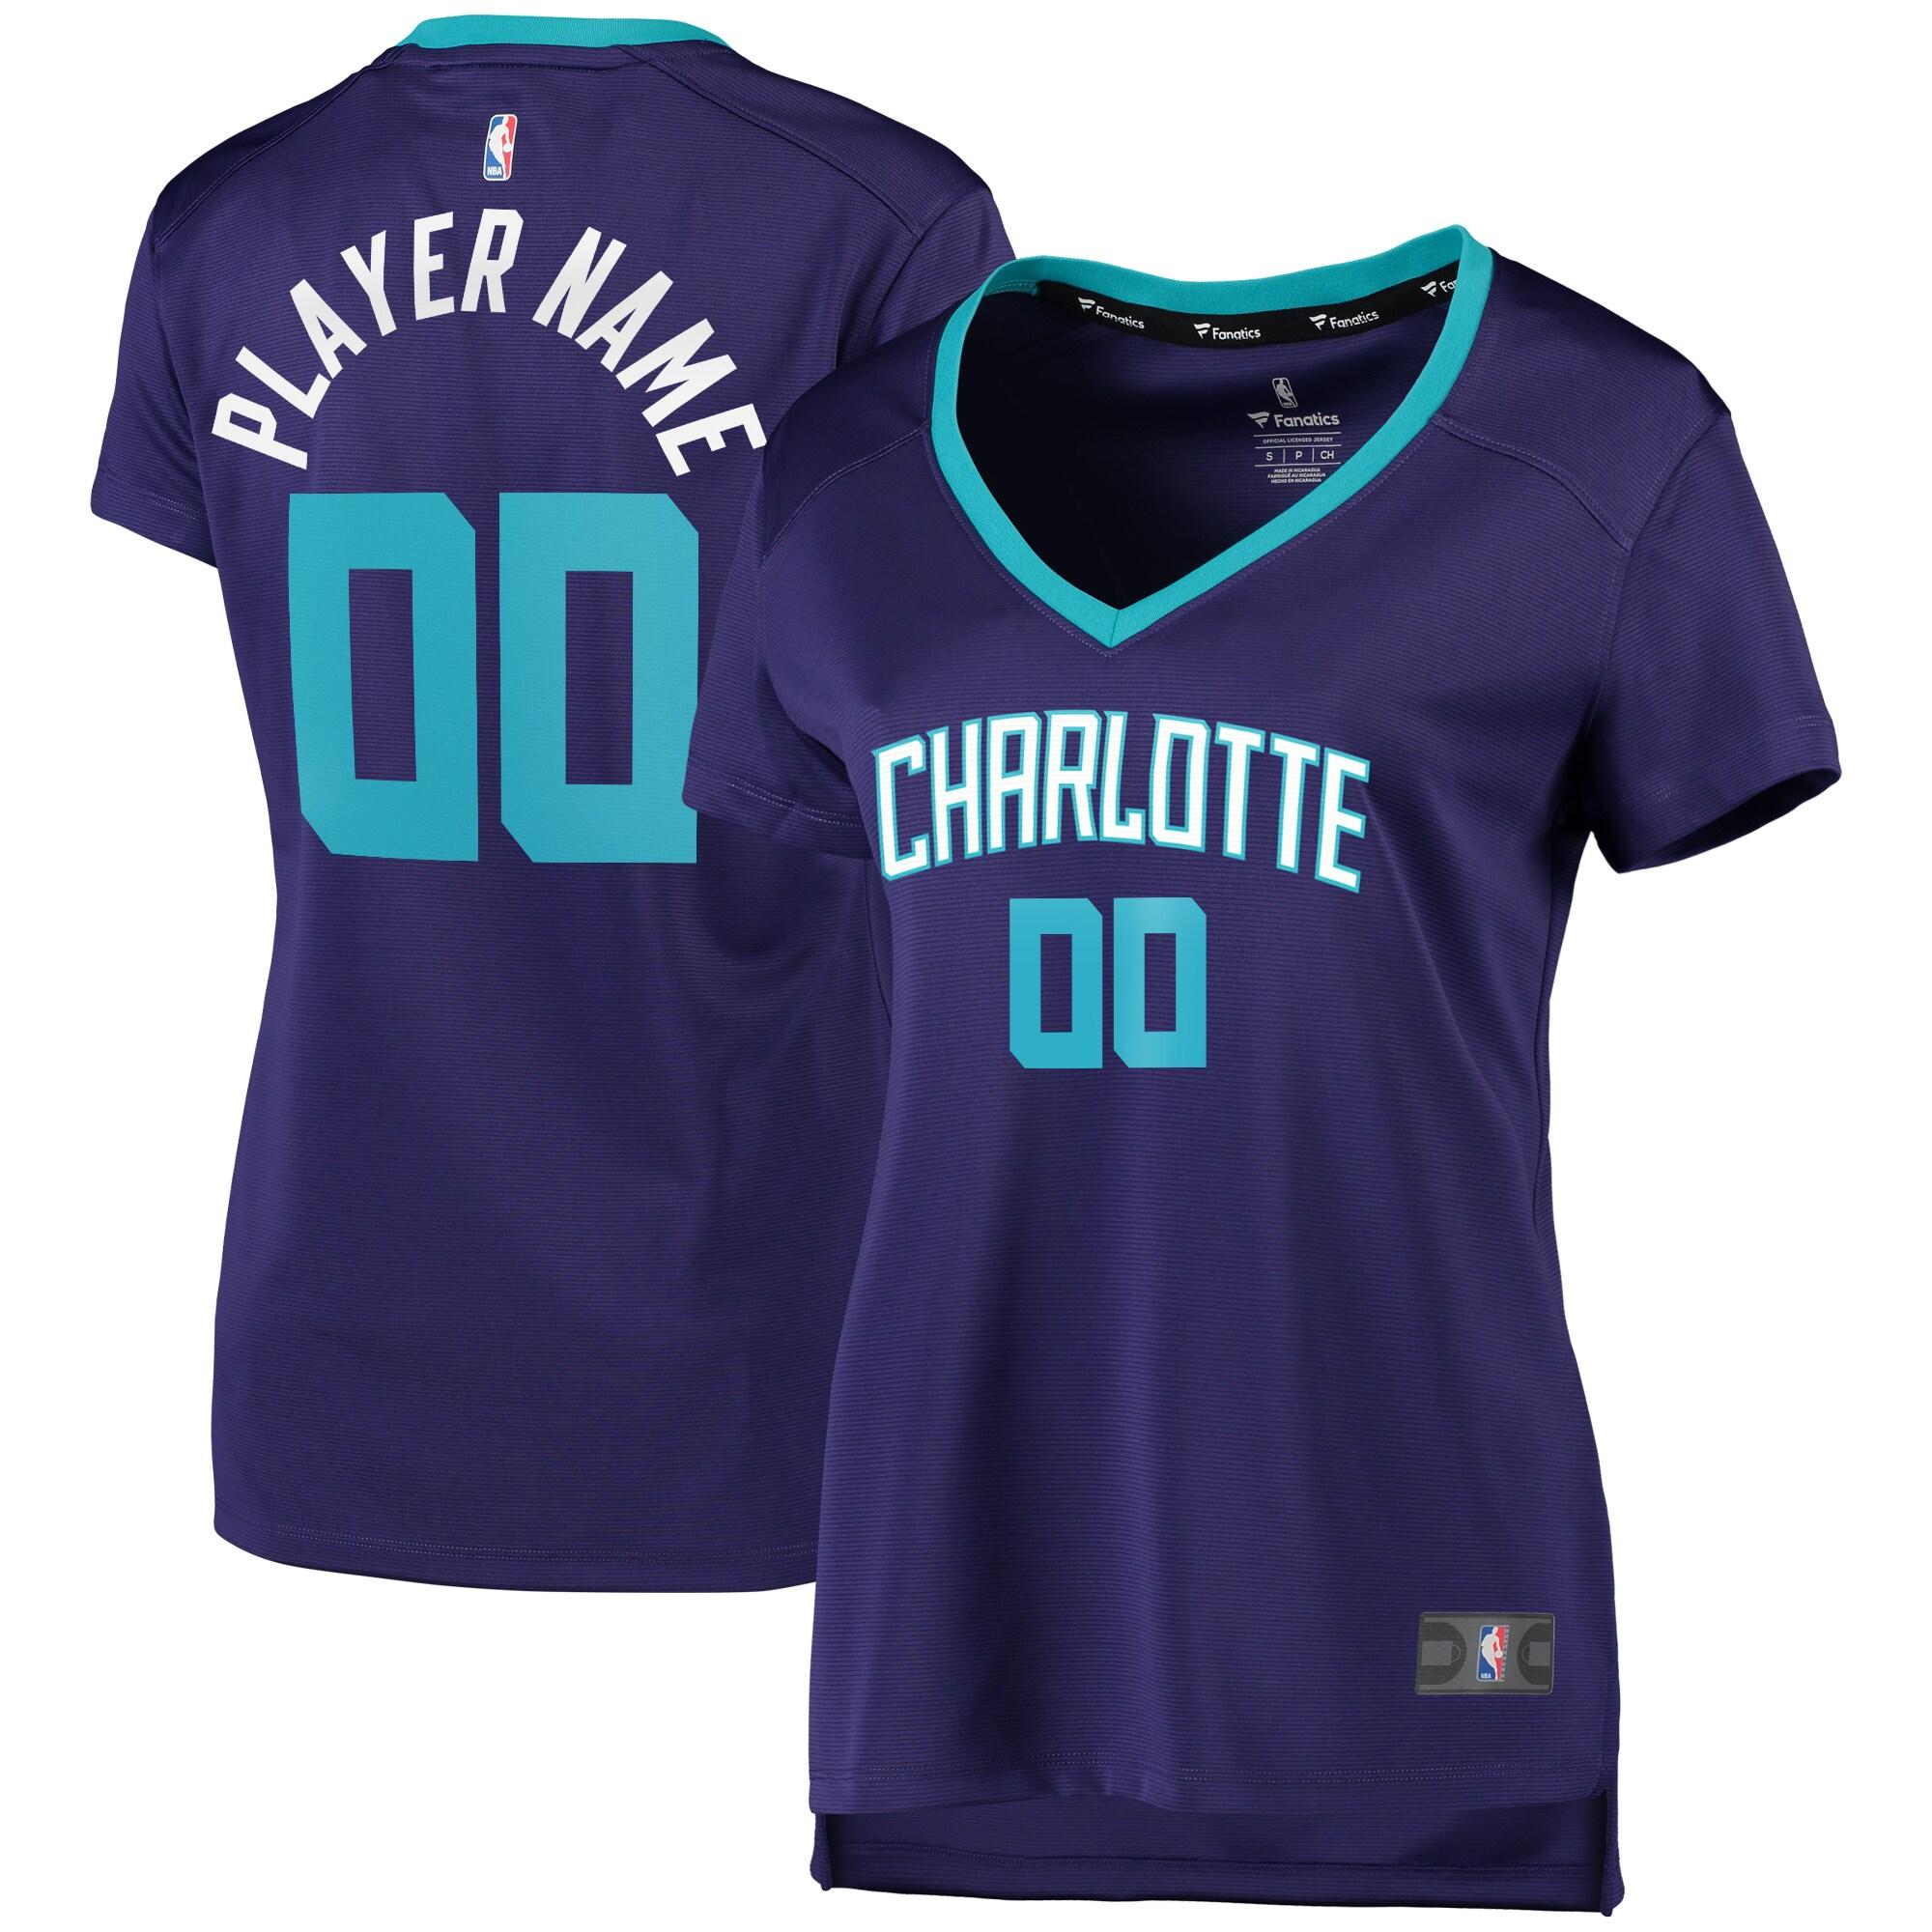 Charlotte Hornets Fanatics Branded Women's Fast Break Replica Custom Jersey Purple - Statement Edition